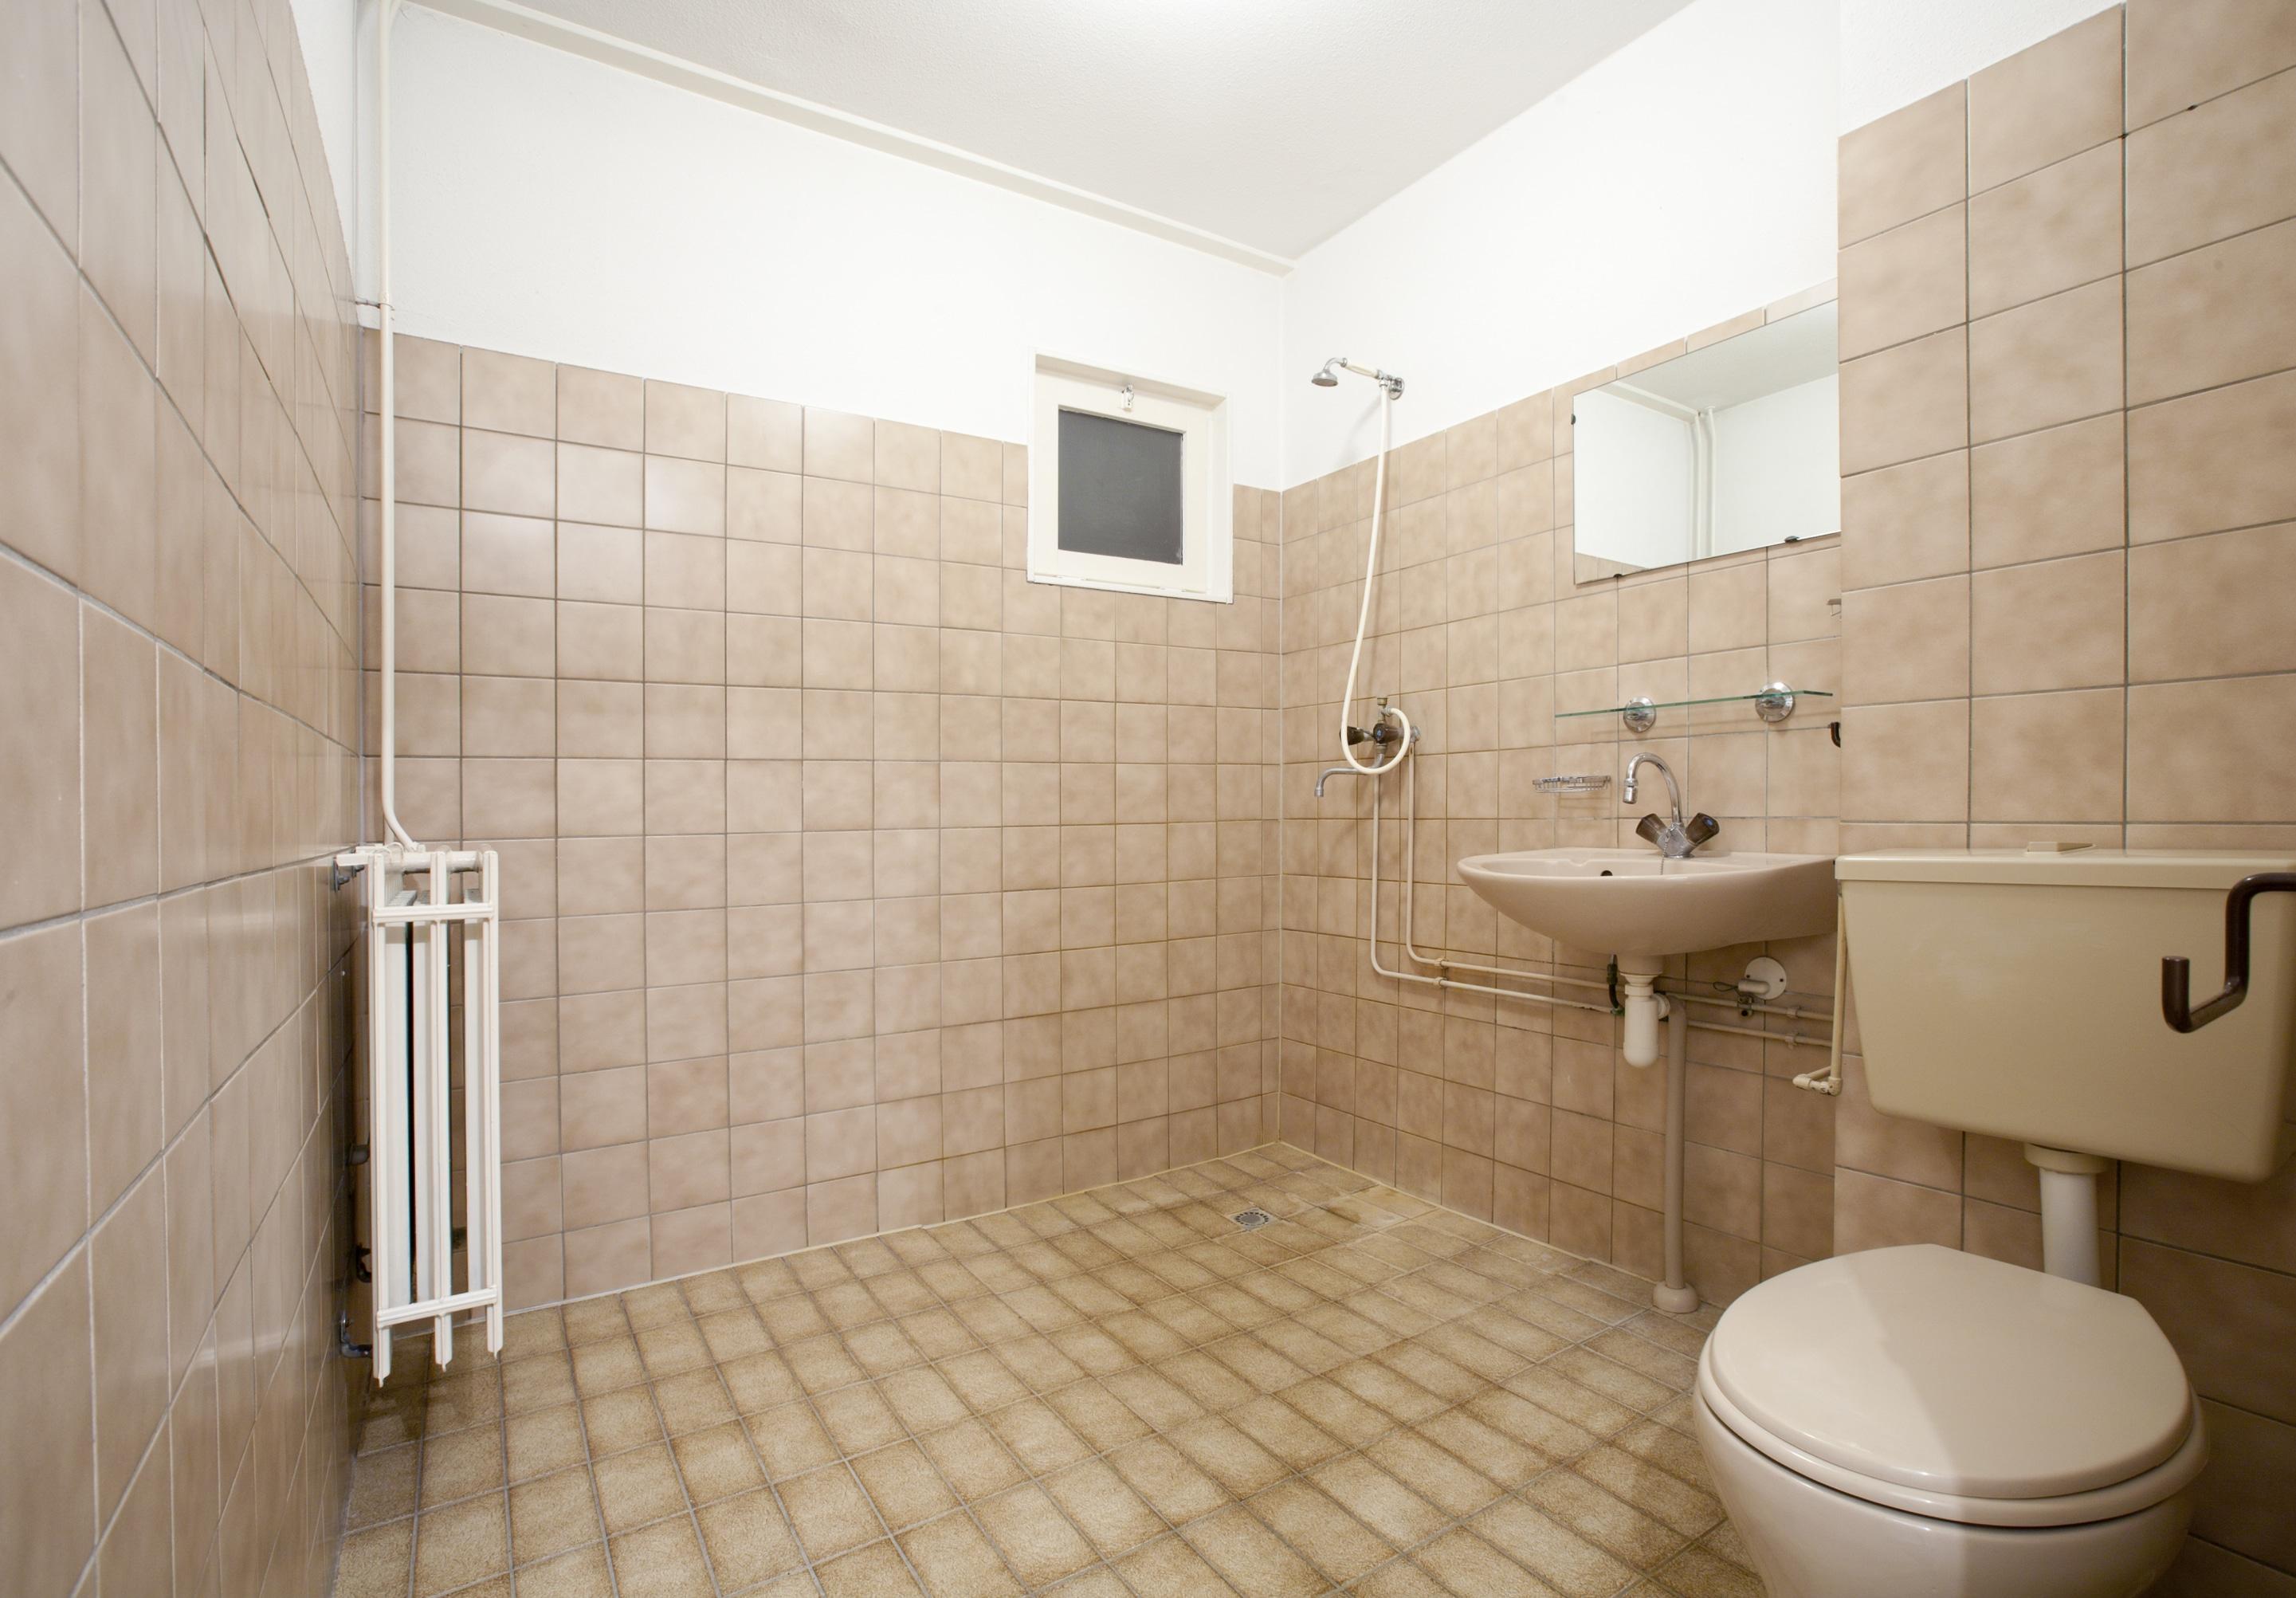 Quel budget pour refaire sa salle de bain ?